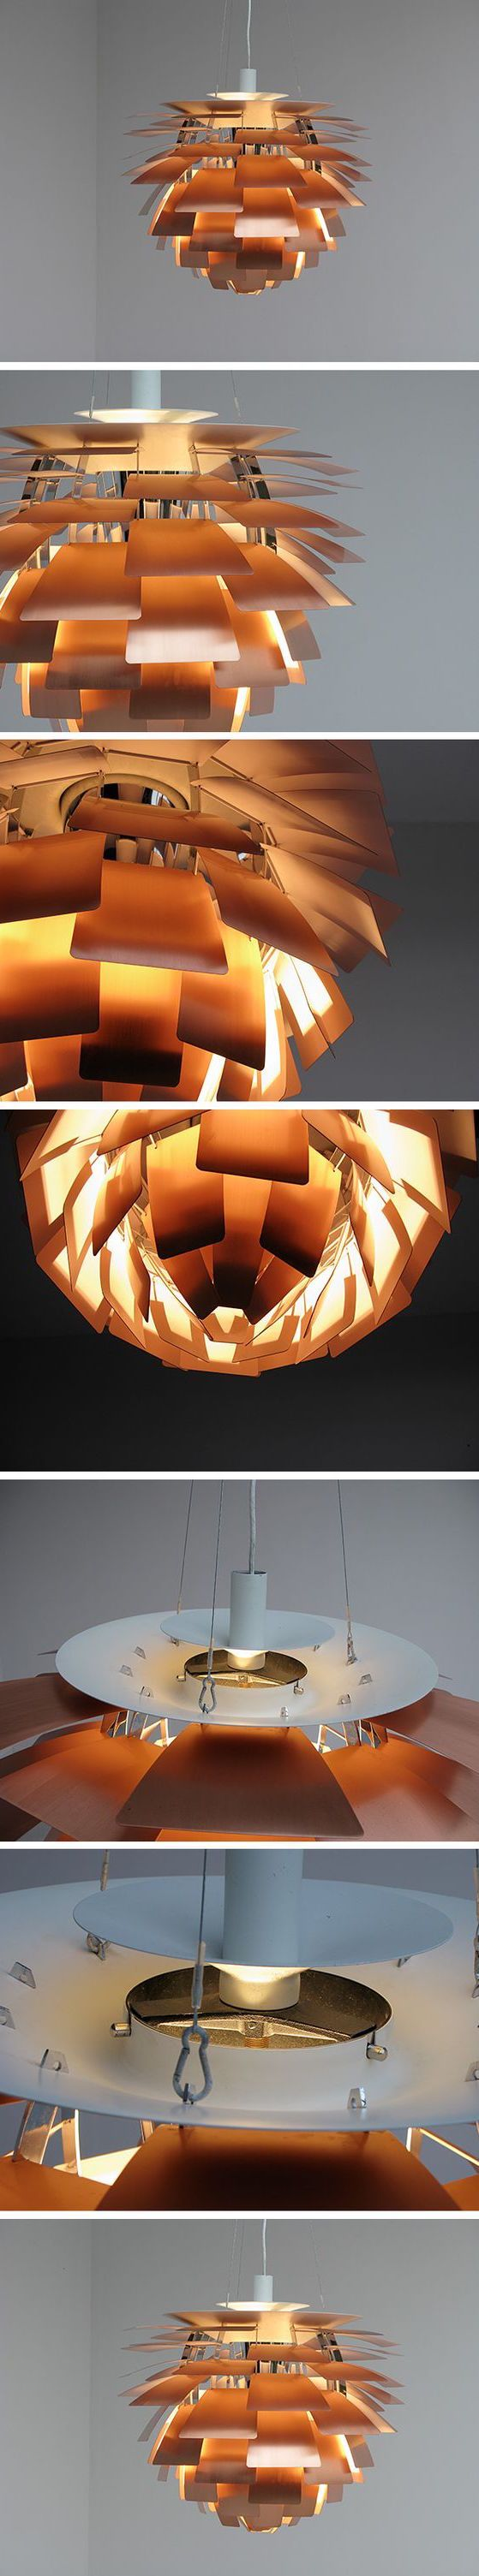 De PH Artichoke is ontworpen in 1958 door Poul Henningsen voor het Langelinie Pavillonen restaurant in Copenhagen. De PH Artichoke zorgt voor 100% schitteringsvrij licht. De 72 nauwkeurig geplaatste bladen vormen 12 unieke rijen van elk 6 bladen. Ze verlichten het armatuur, maar stralen ook diffuus licht uit. Hierdoor ontstaat er een uniek patroon. De prachtige PH Artichoke zorgt voor een decoratief lichteffect en aangename verlichting.